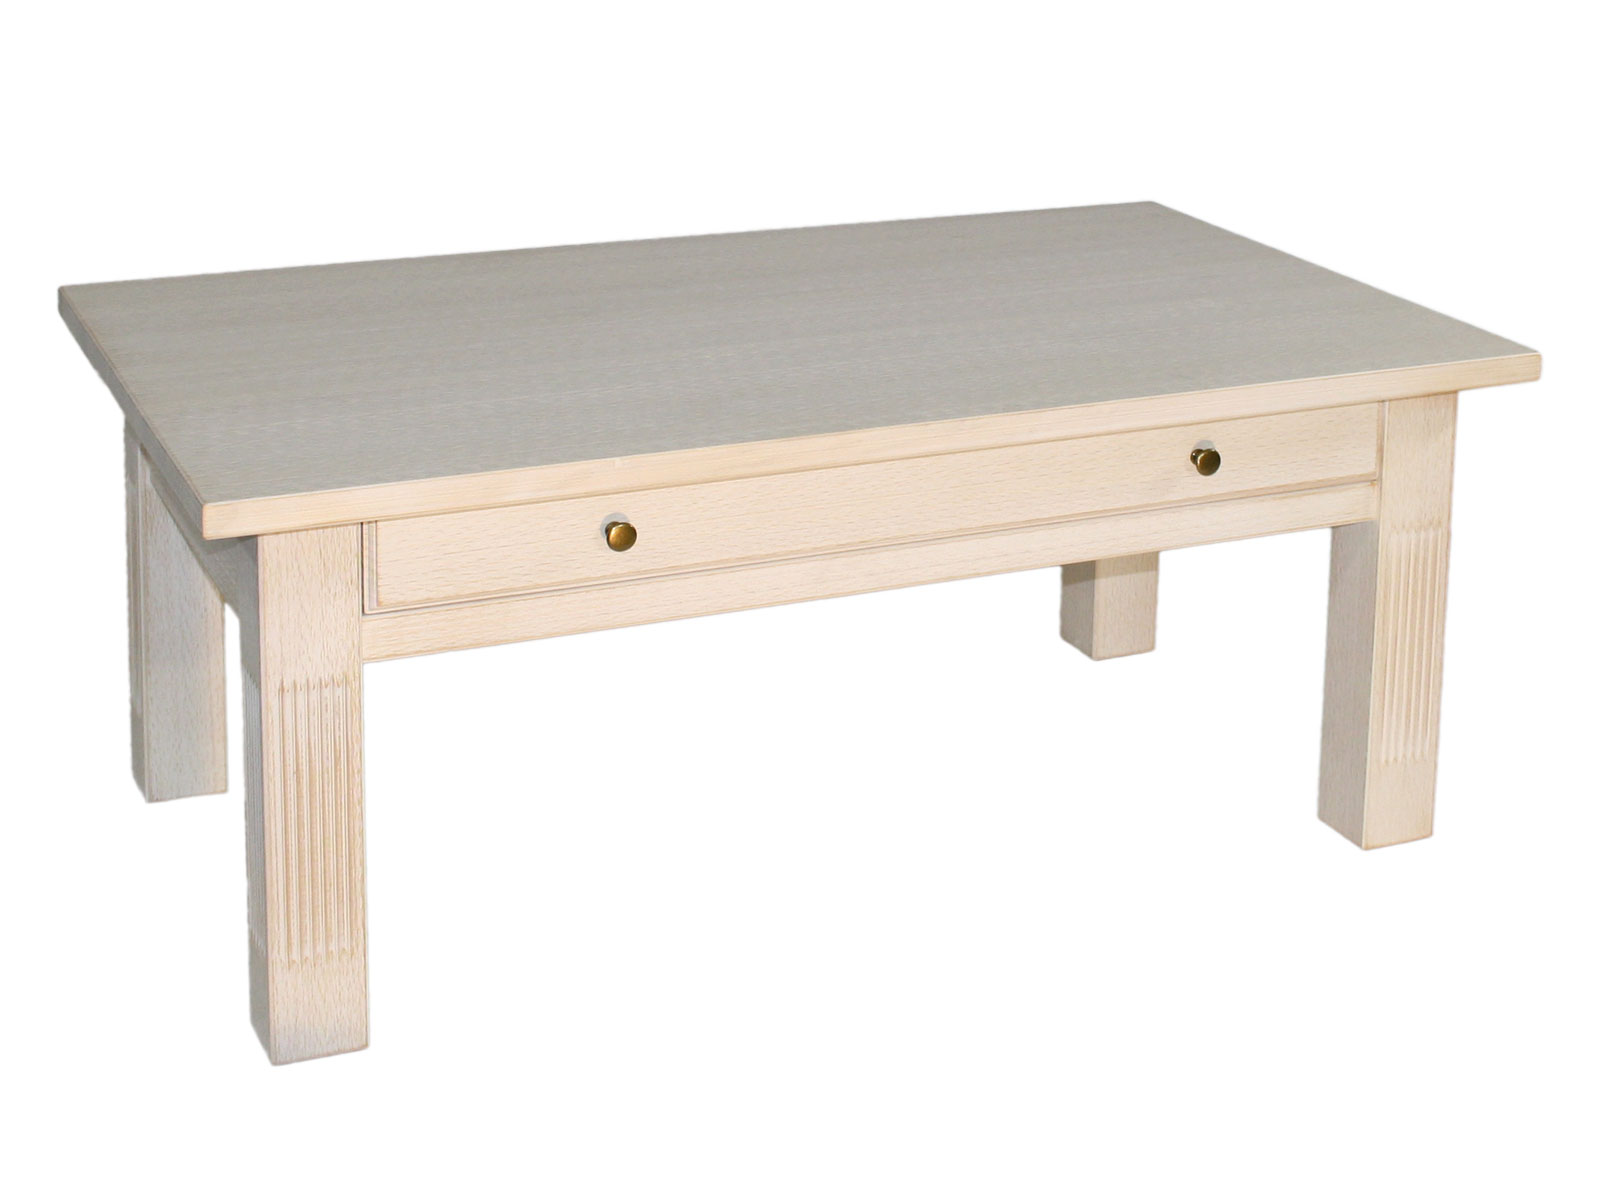 Couchtisch Wohnzimmer-Tisch 40 x 40 cm mit Schublade und fester Platte  Pinie massiv